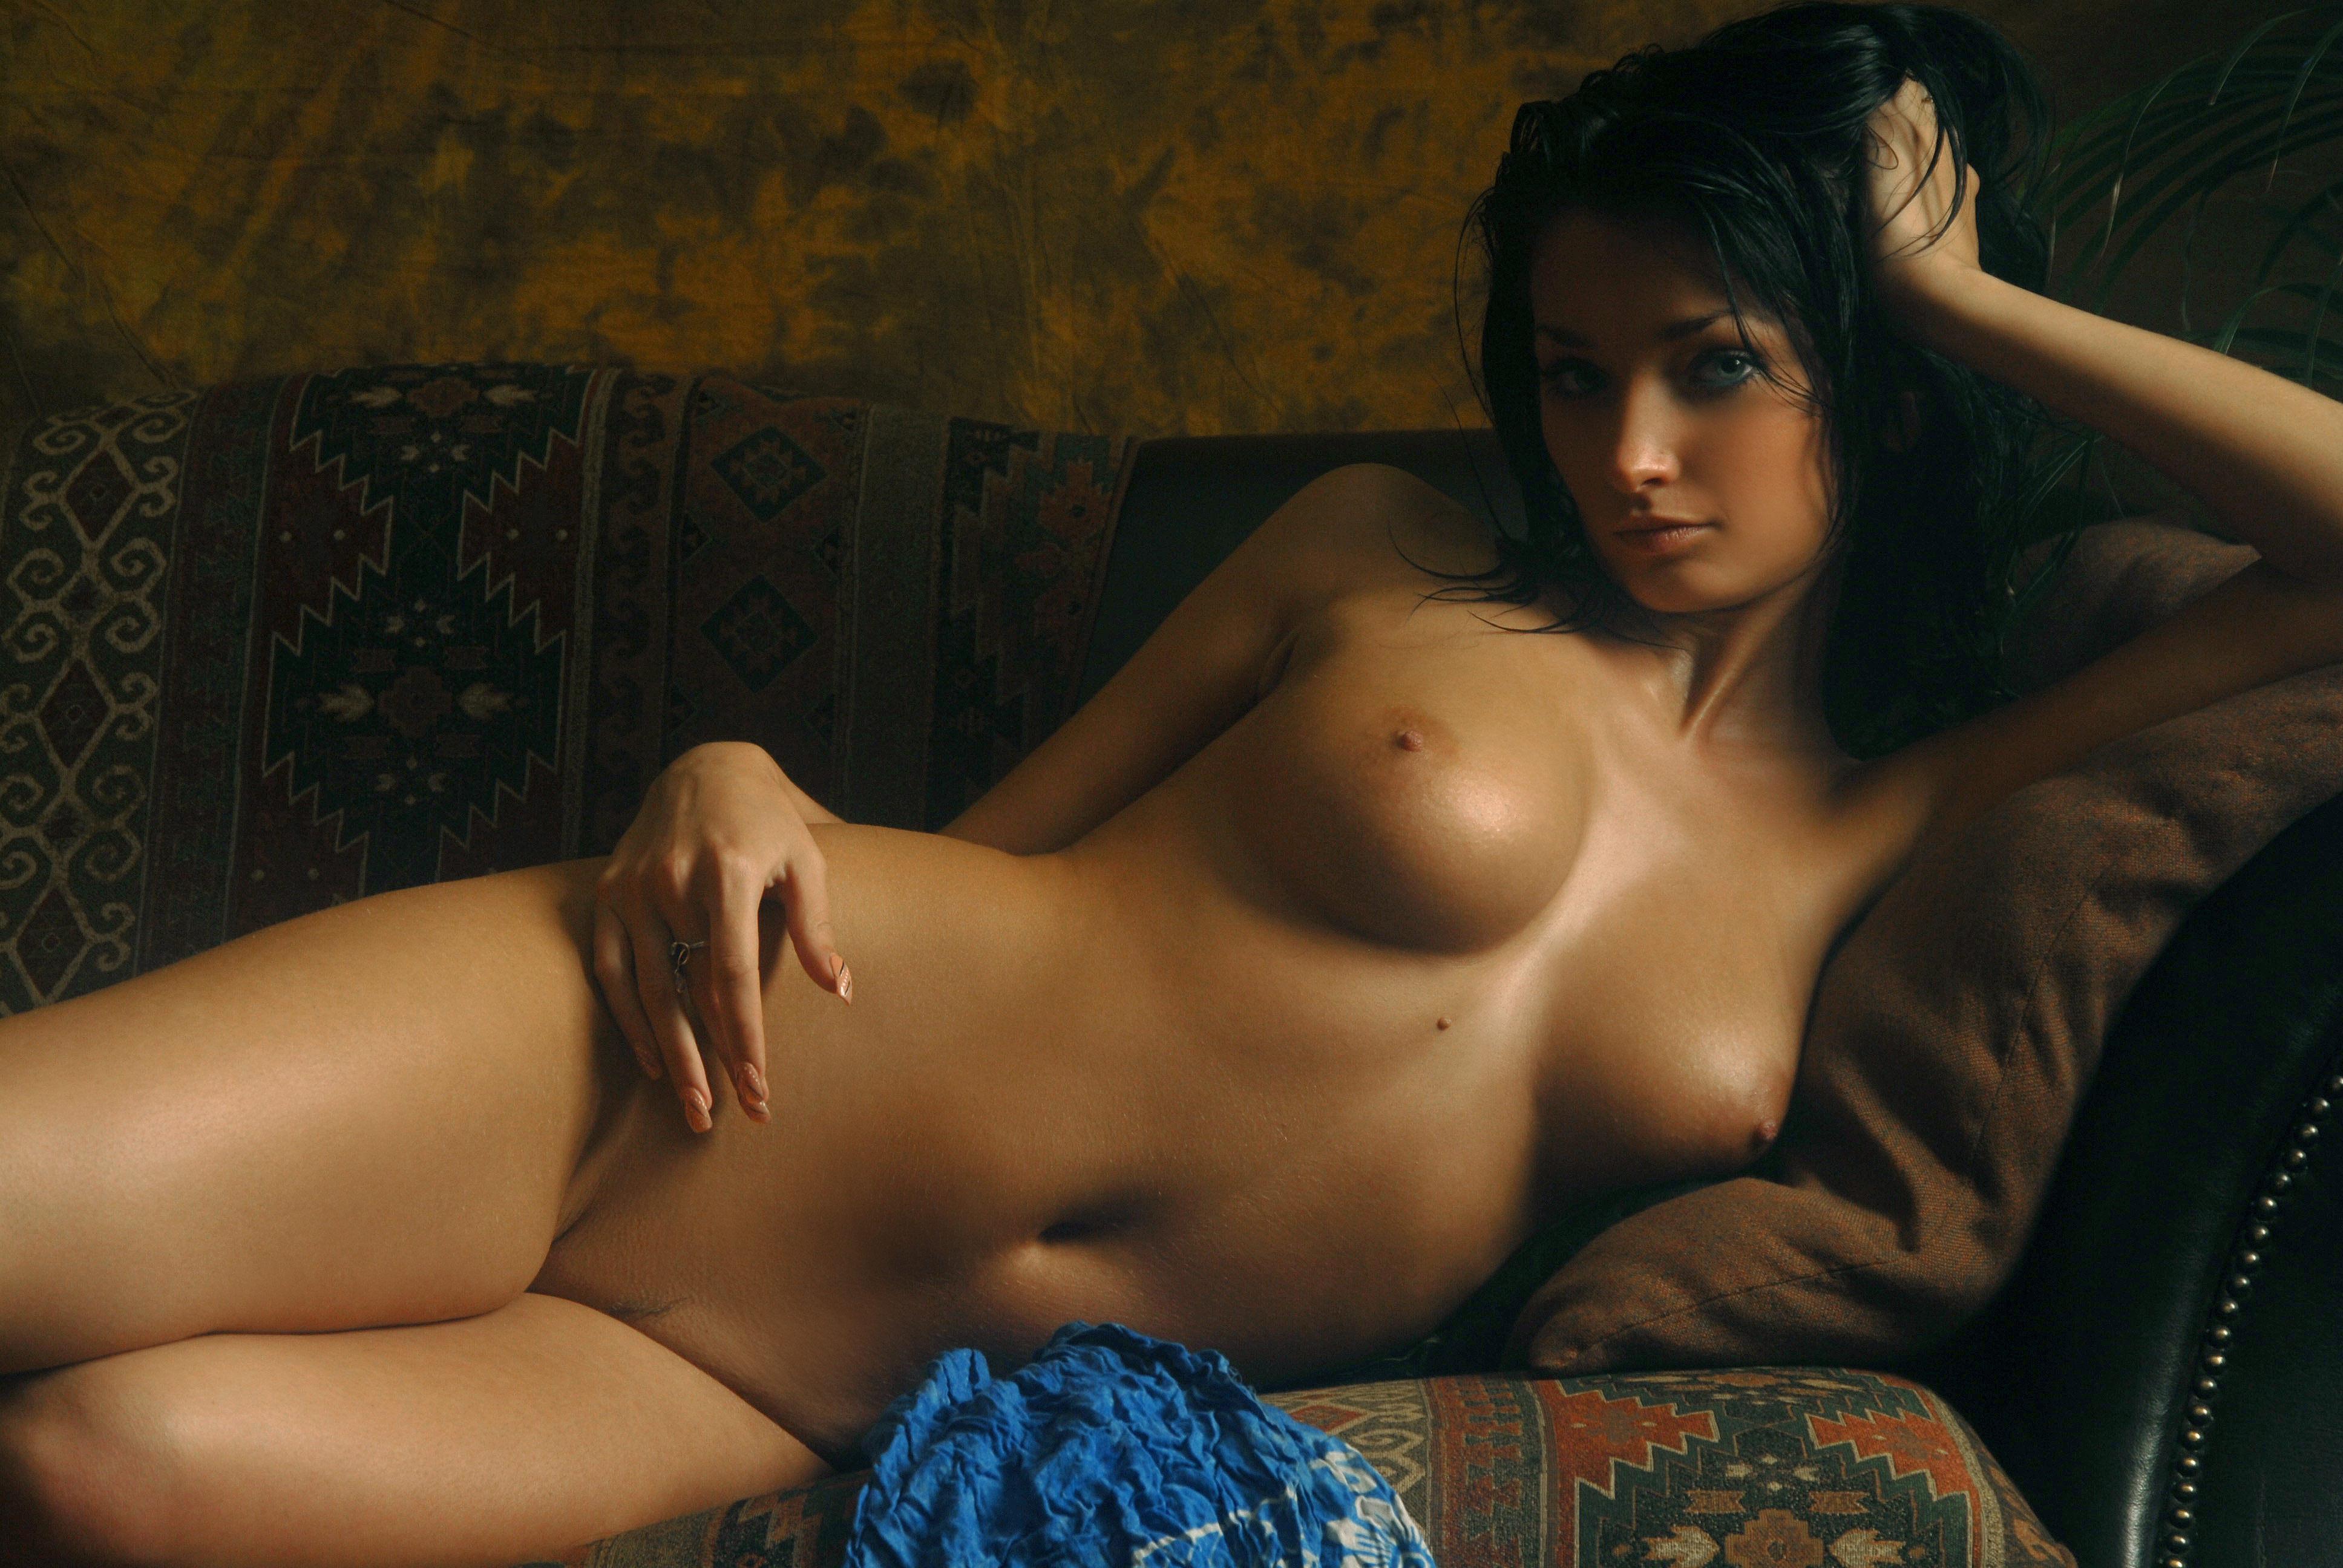 Фото голых девушек очень красивых 20 фотография